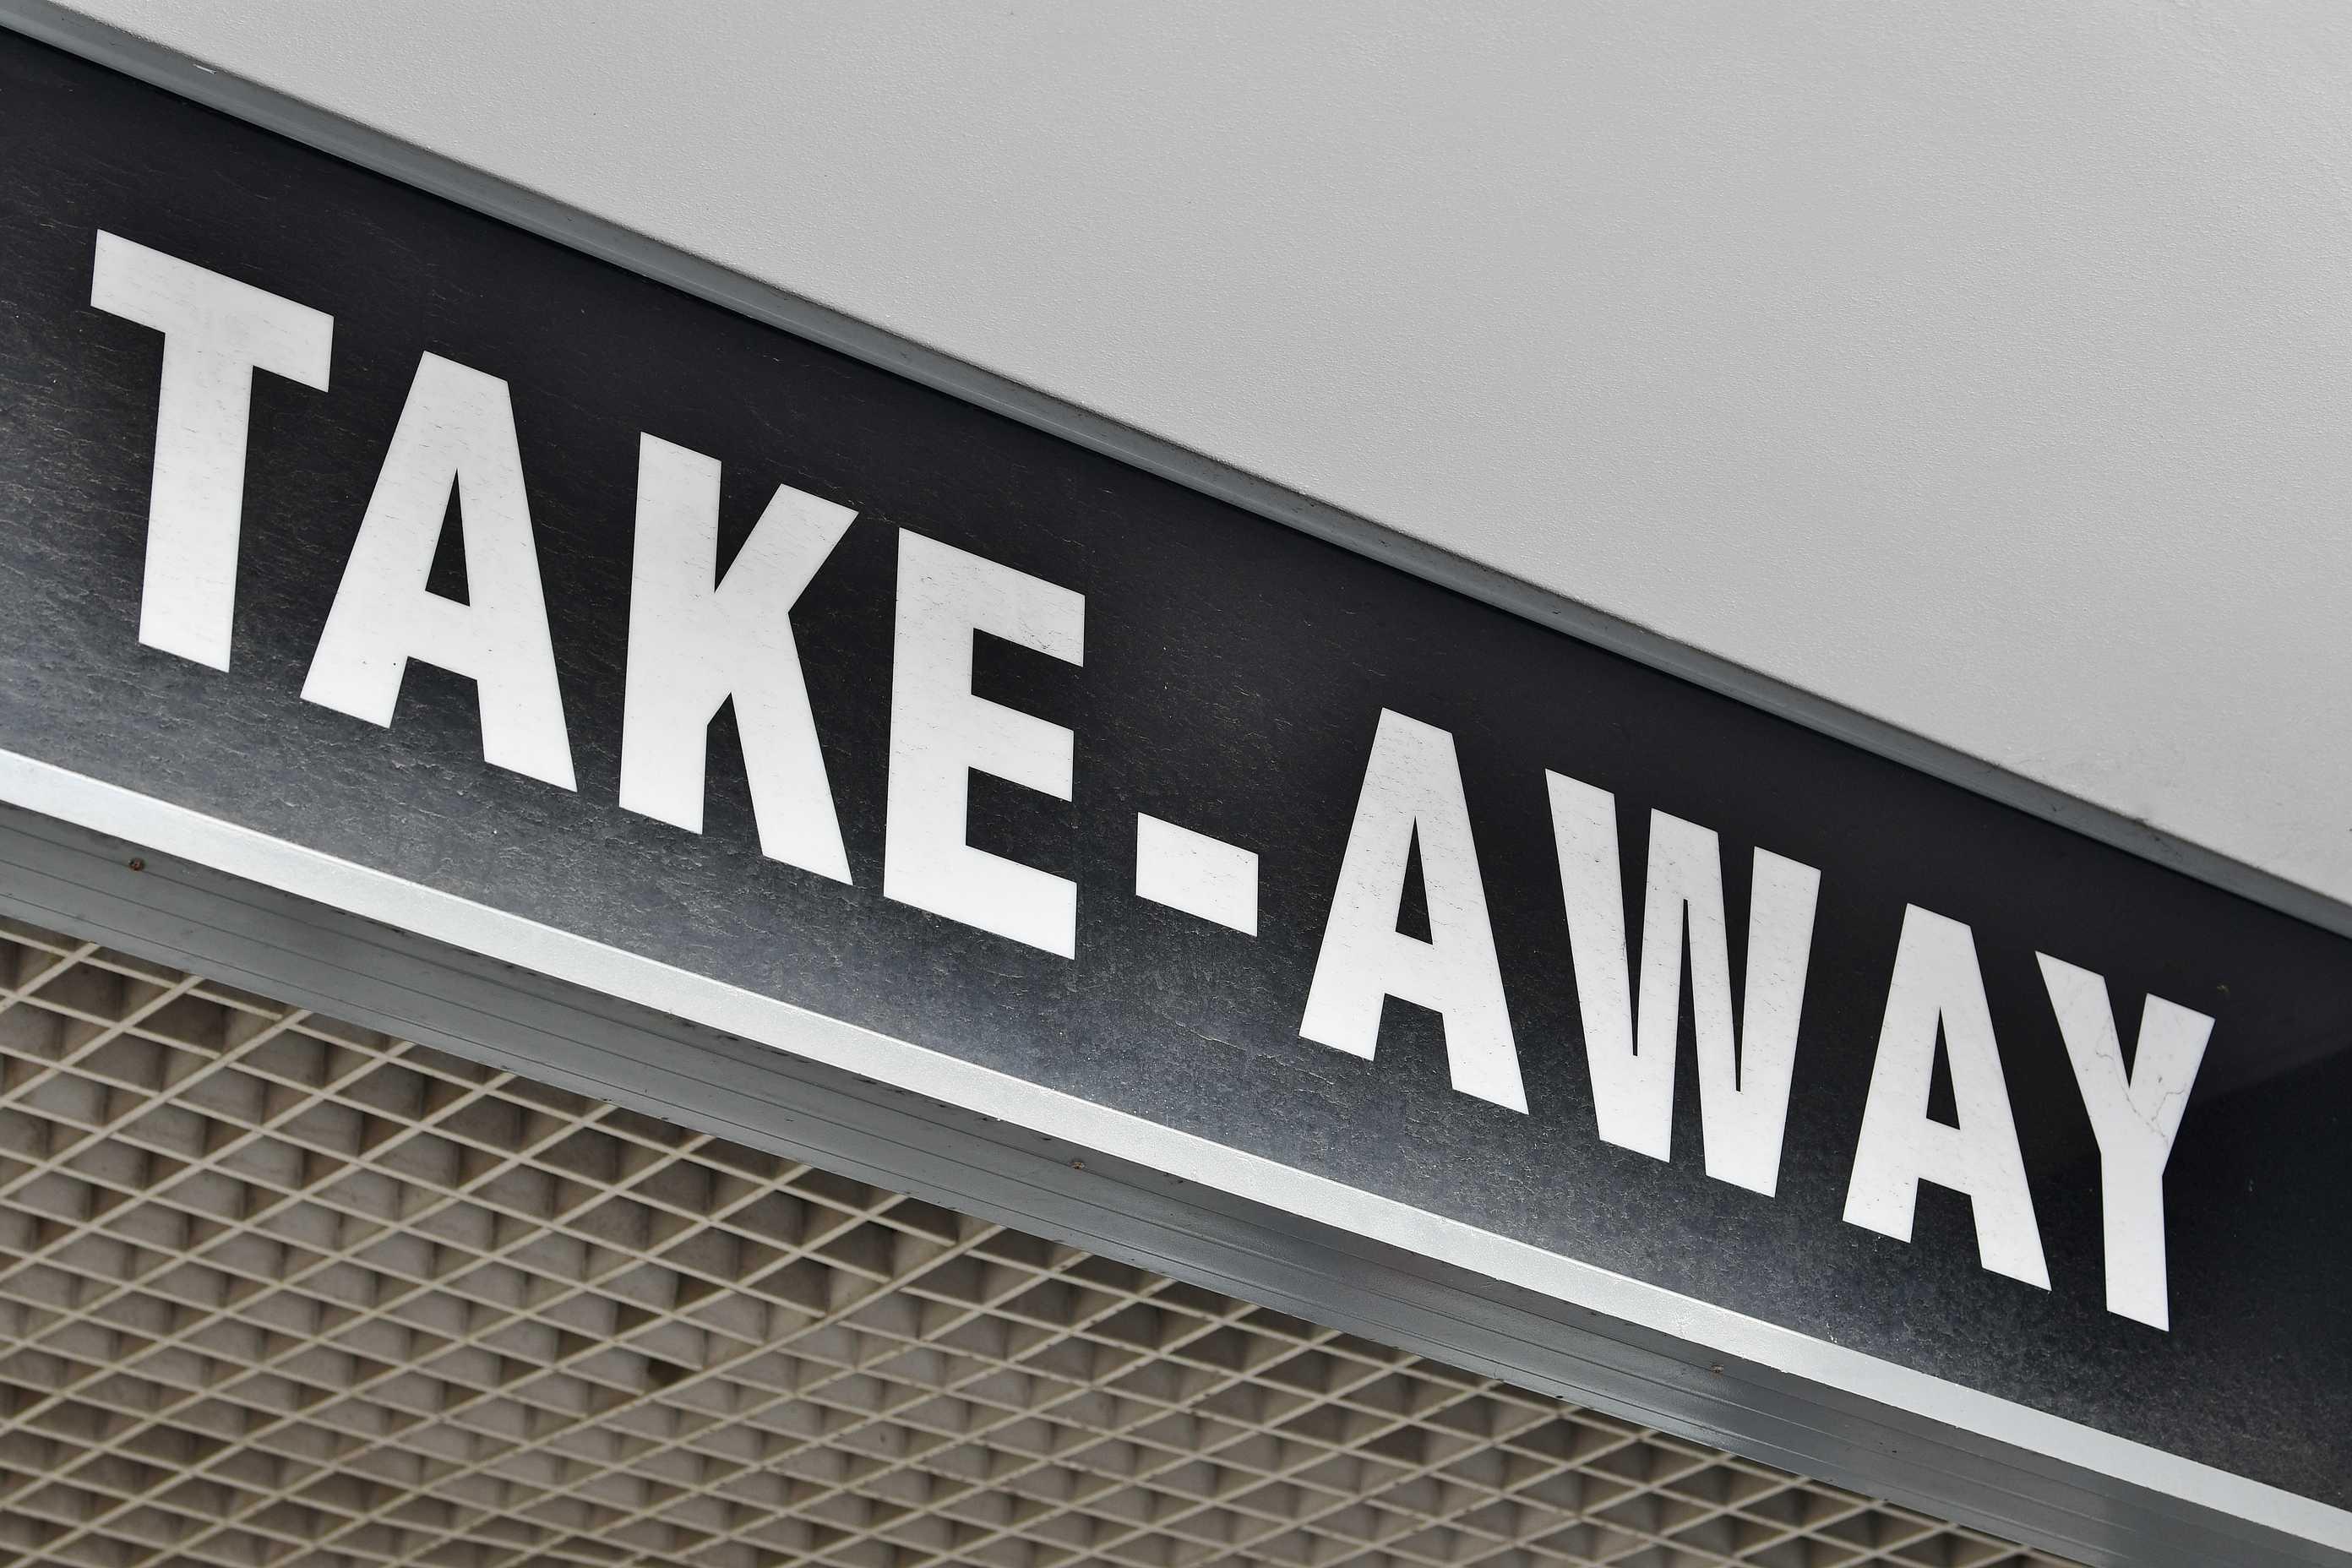 Gondomar: quer saber quais os restaurantes com entrega ao domicílio e/ou serviço take-away?